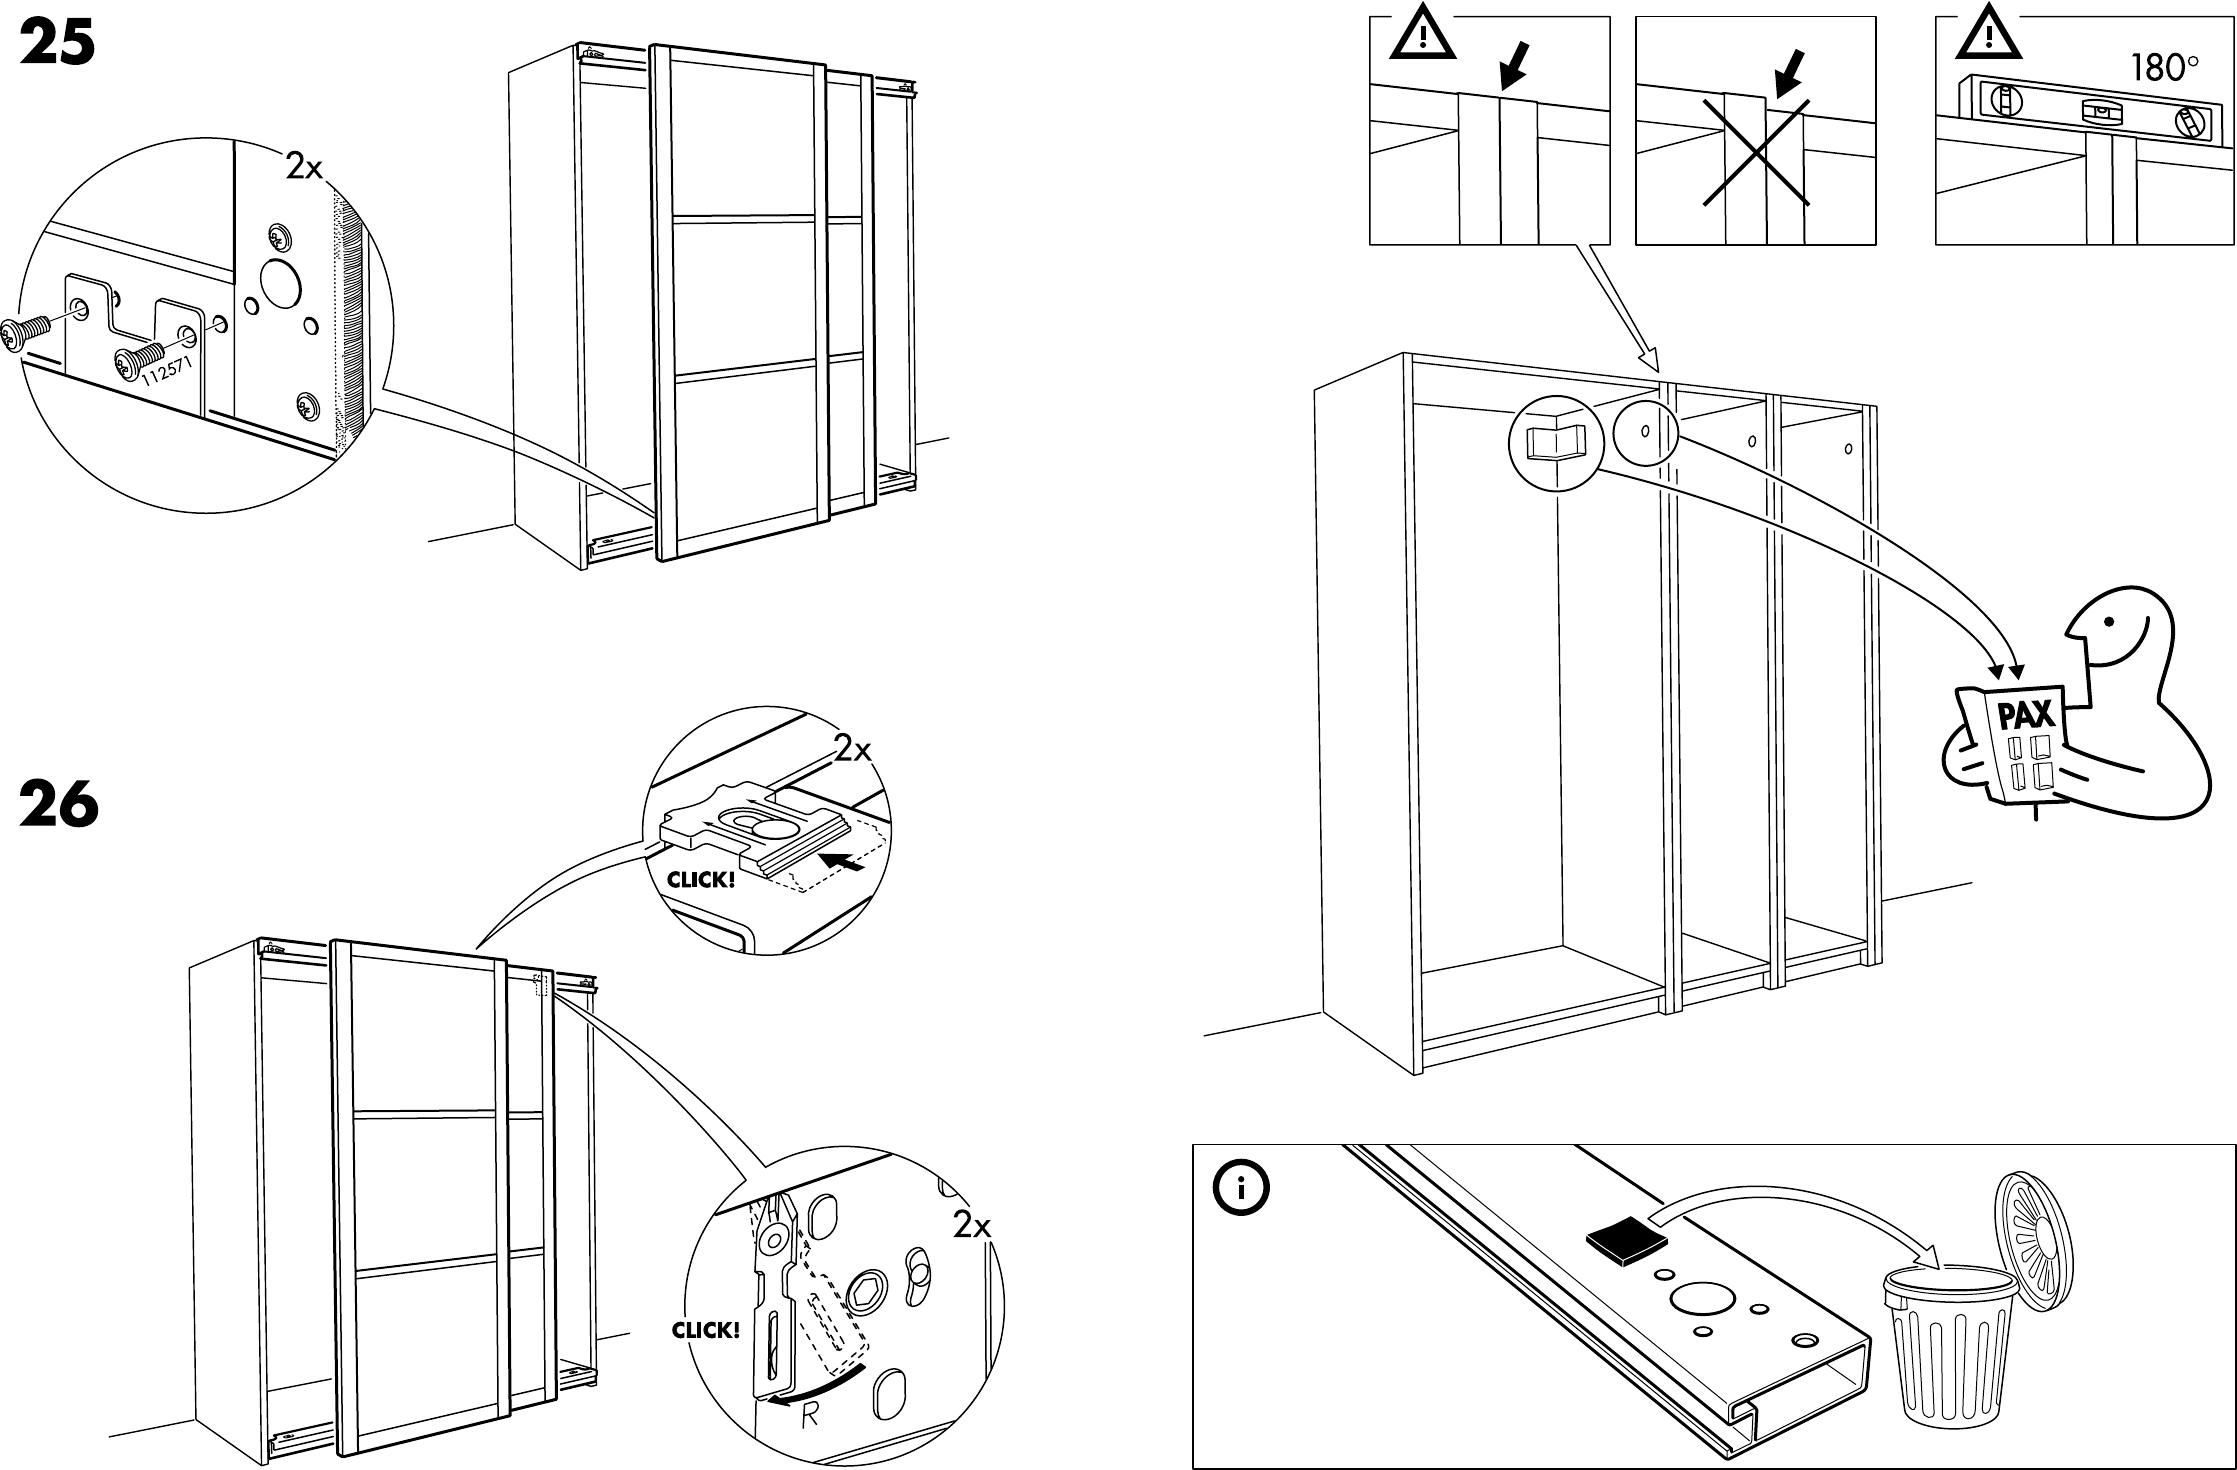 Pax Handleiding Schuifdeuren.Handleiding Ikea Pax Hakadal Schuifdeuren Pagina 4 Van 12